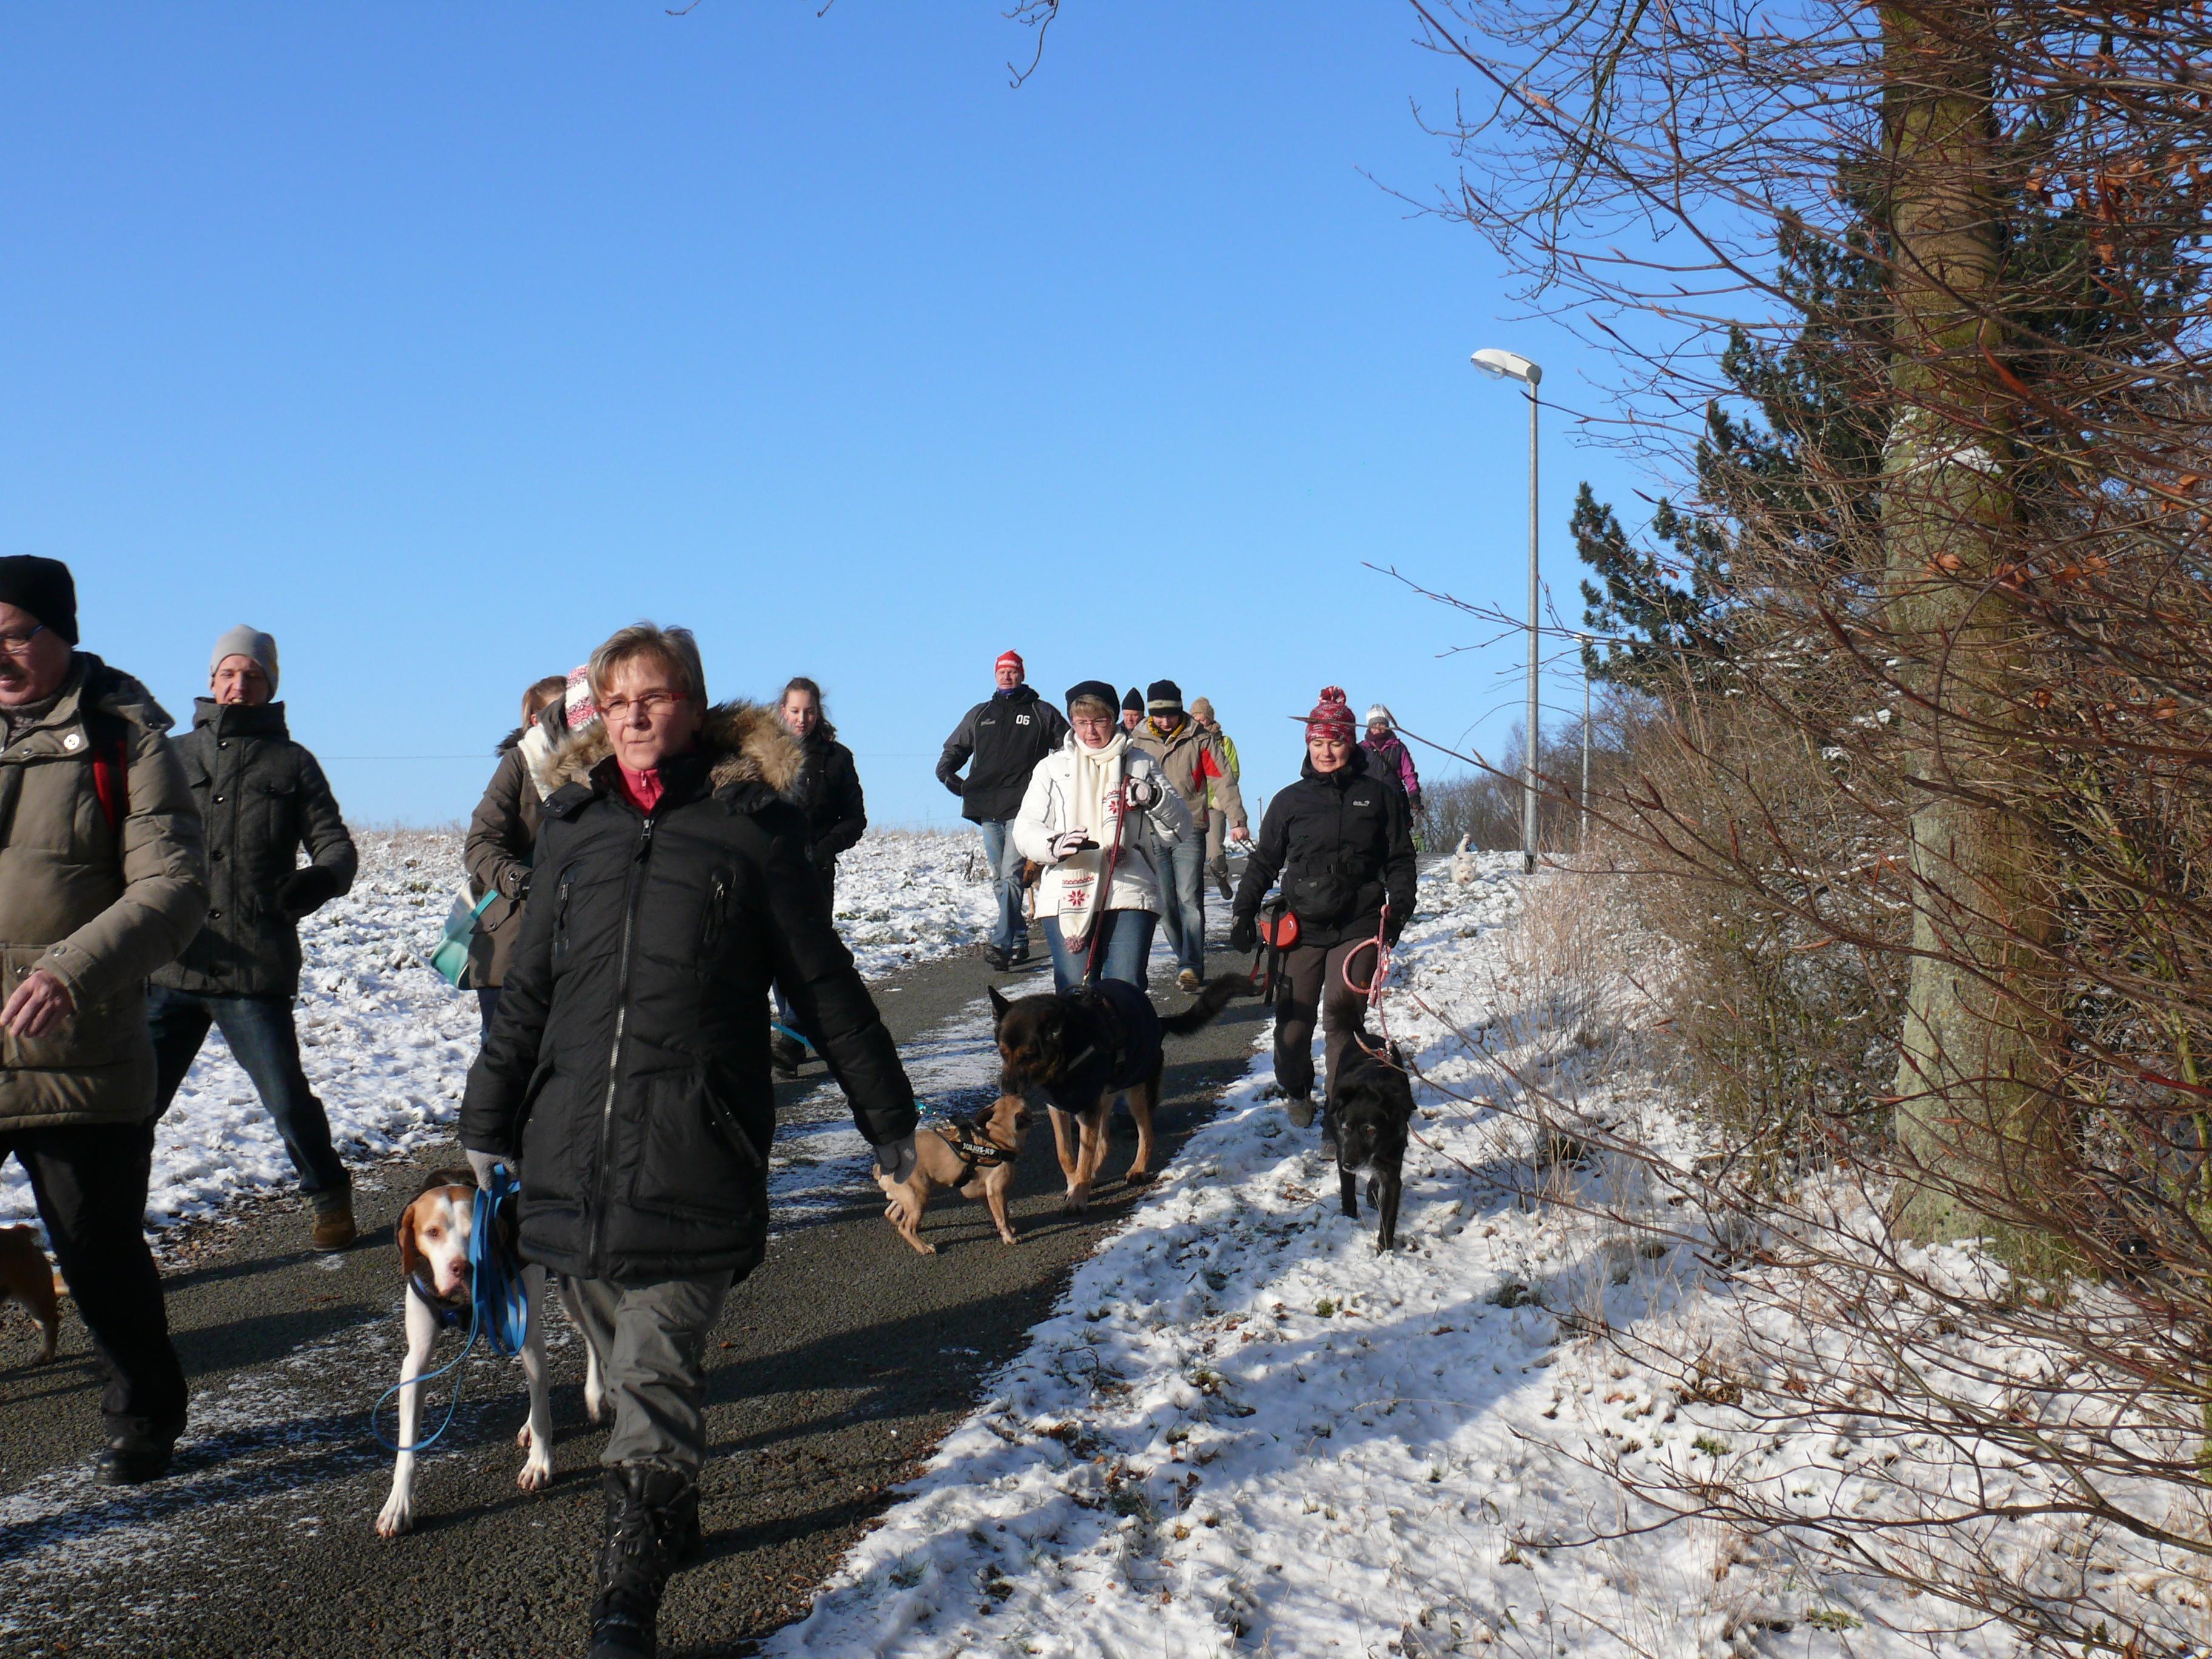 Winterwanderung mit Hunden